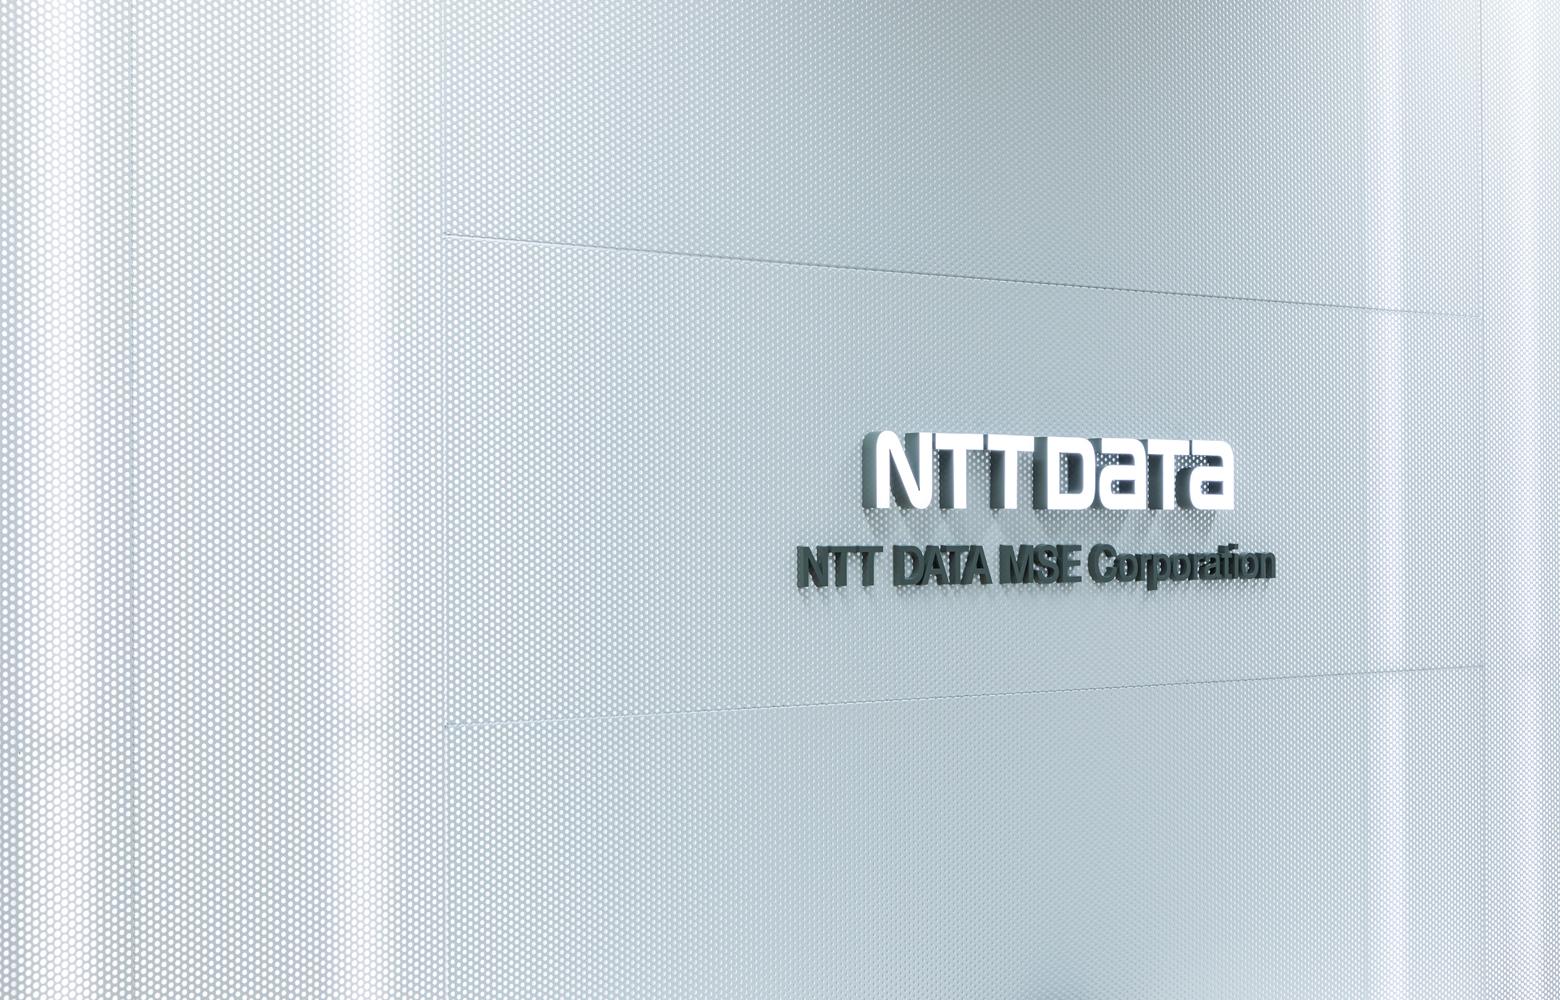 株式会社NTTデータMSE Shinyokohama Office Entrance_Sign デザイン・レイアウト事例